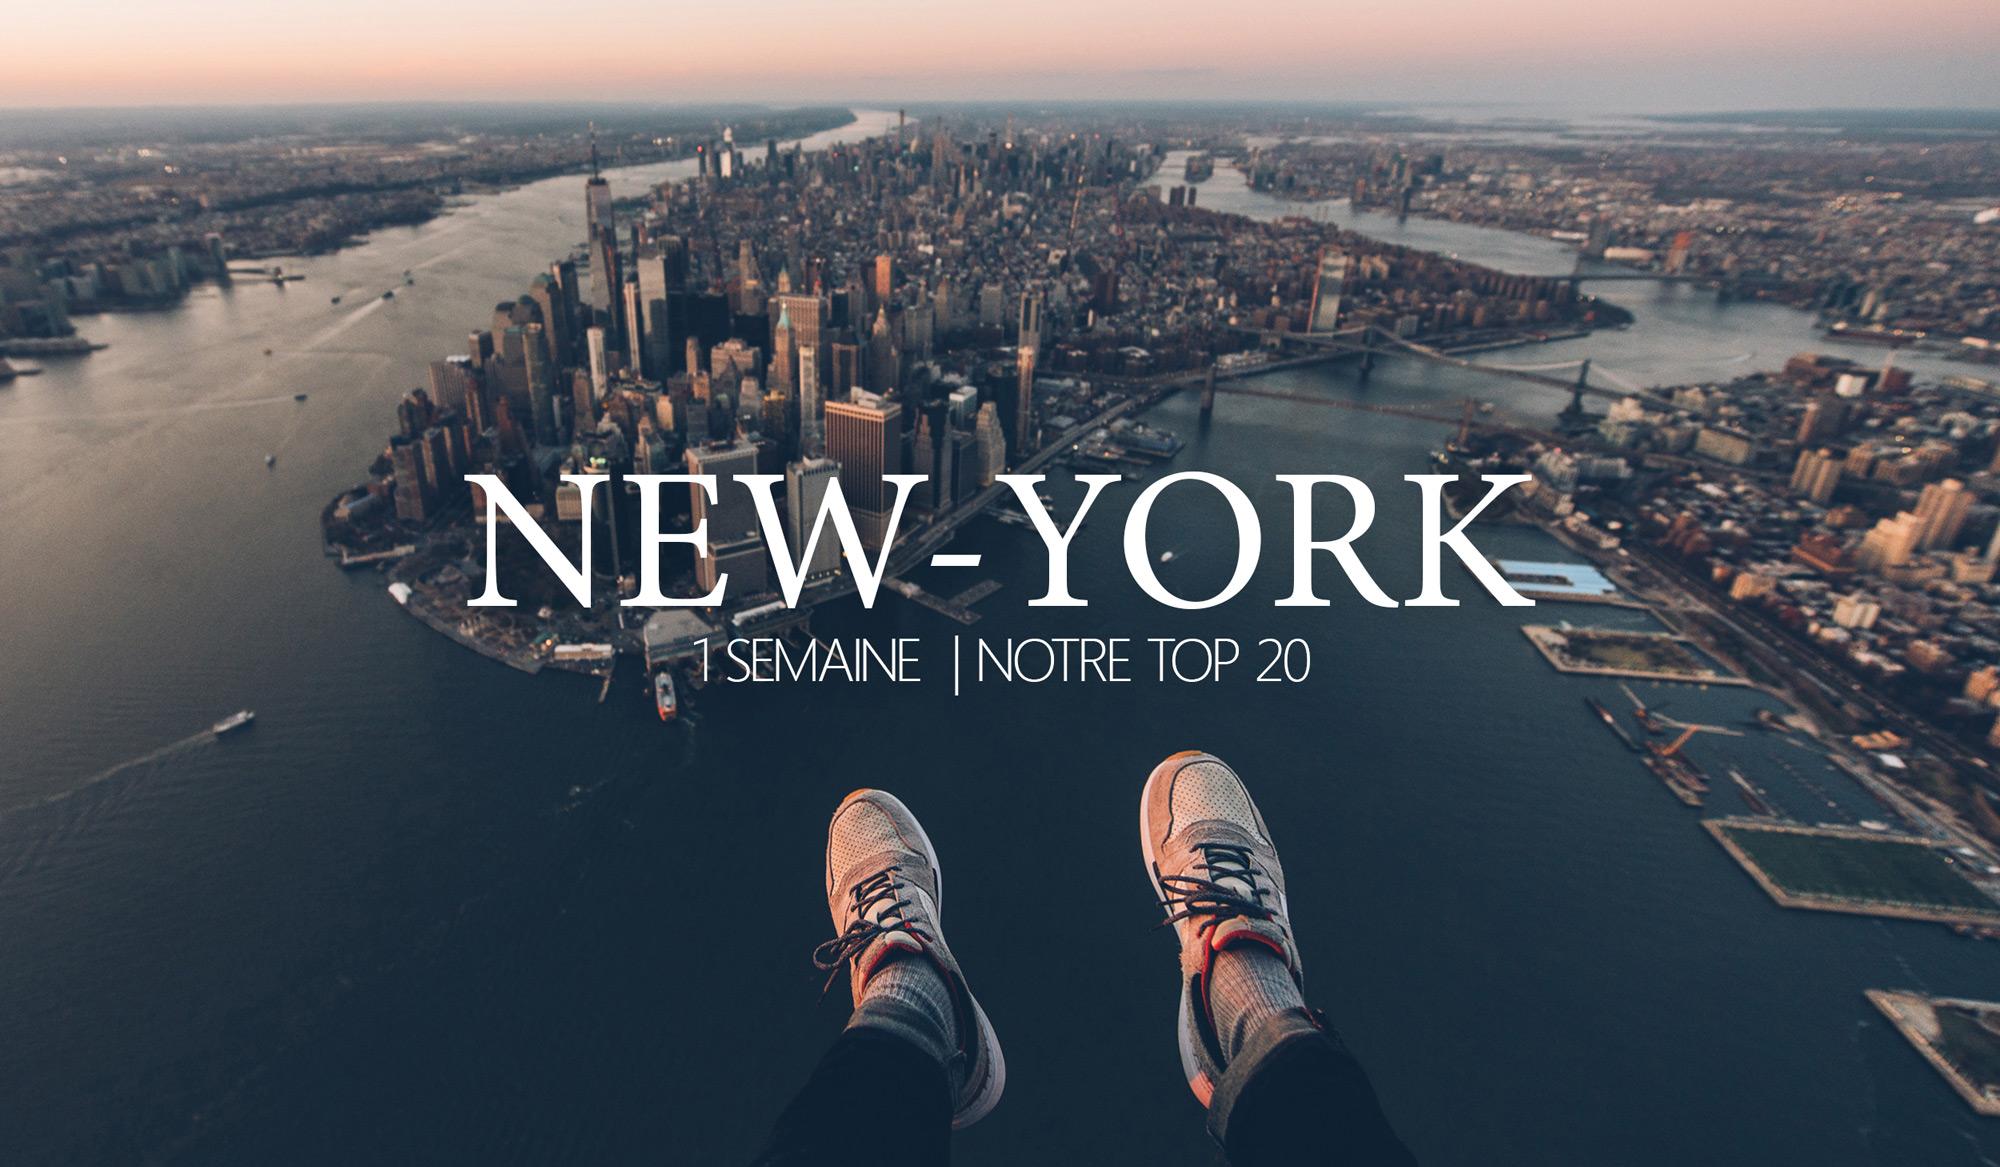 Que faire et voir à New York en 1 semaine?